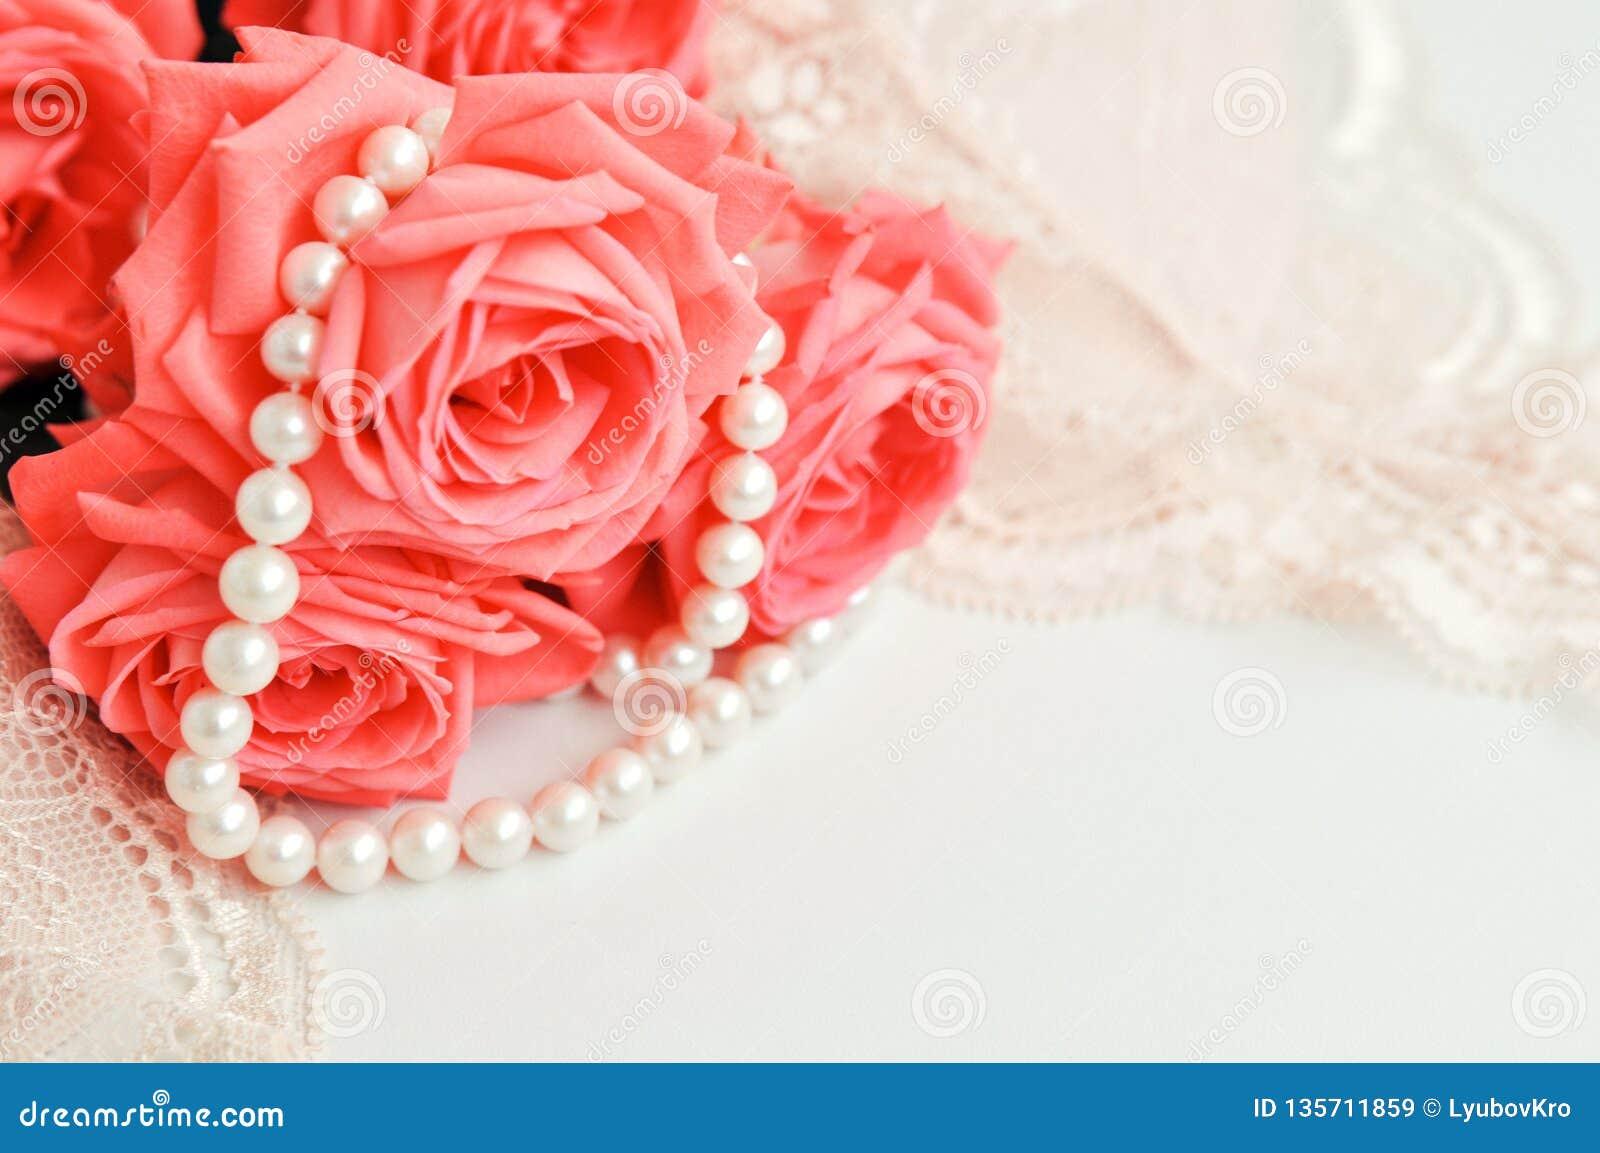 Λεπτό θηλυκό θέμα Ρόδινο χρώμα τάσης τριαντάφυλλων κοραλλιών σε έναν χλωμό - ρόδινο περιδέραιο στηθοδέσμων και μαργαριταριών σε έ